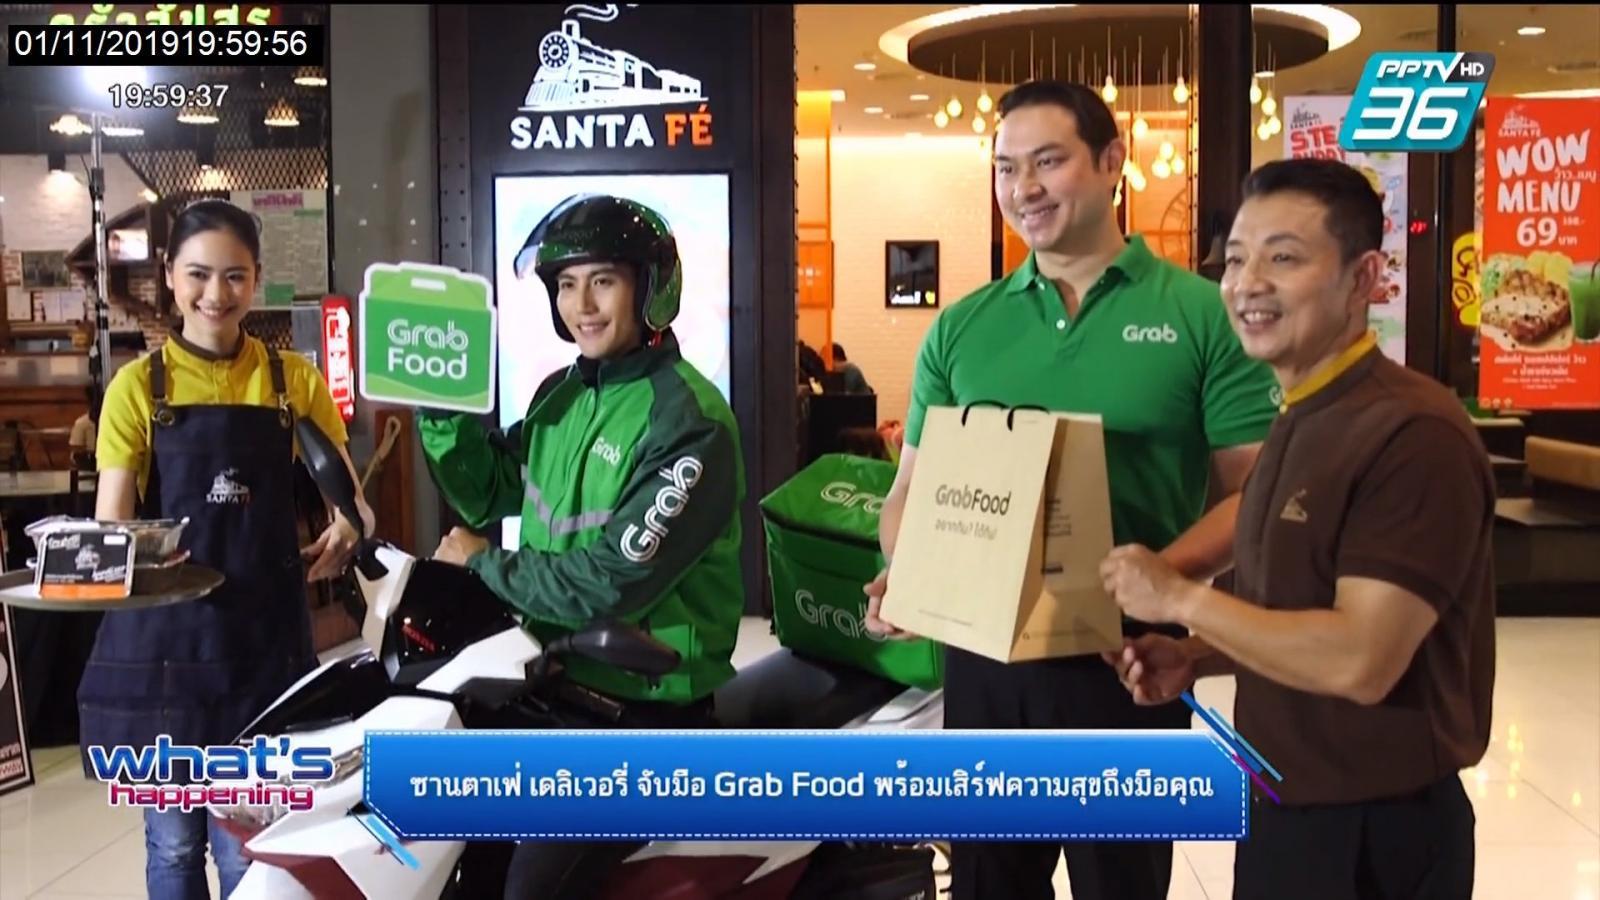 ซานตาเฟ่ เดลิเวอรี่ จับมือ Grab Food พร้อมเสิร์ฟความสุขถึงมือคุณ